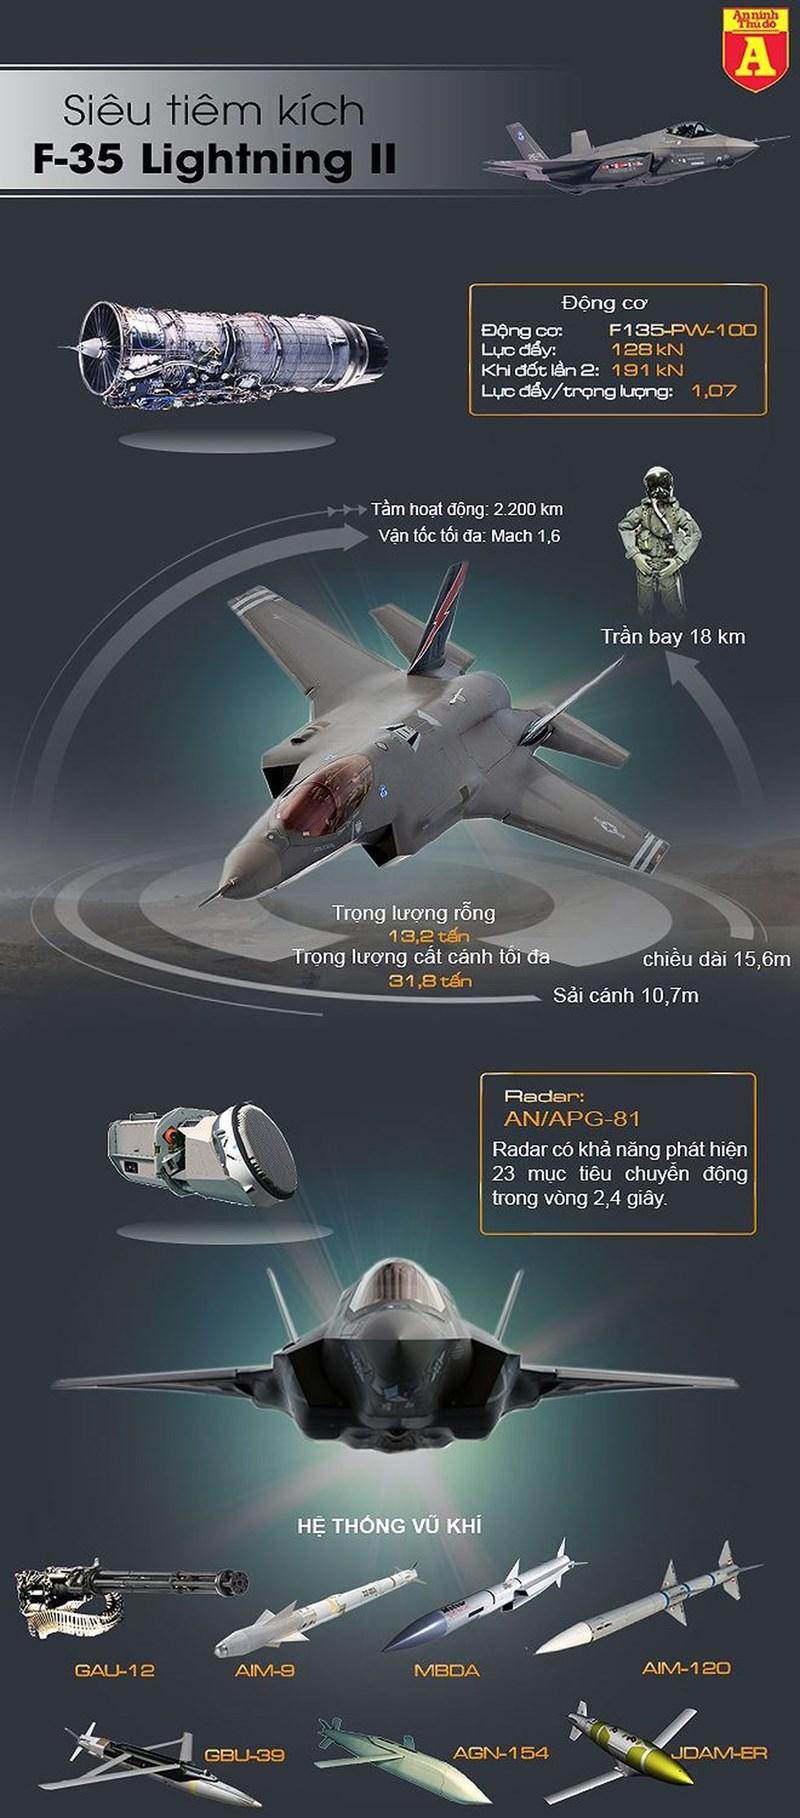 [Infographics] Bất ngờ với lý do chiến đấu cơ tàng hình F-35A bị hỏng tàng hình - Ảnh 1